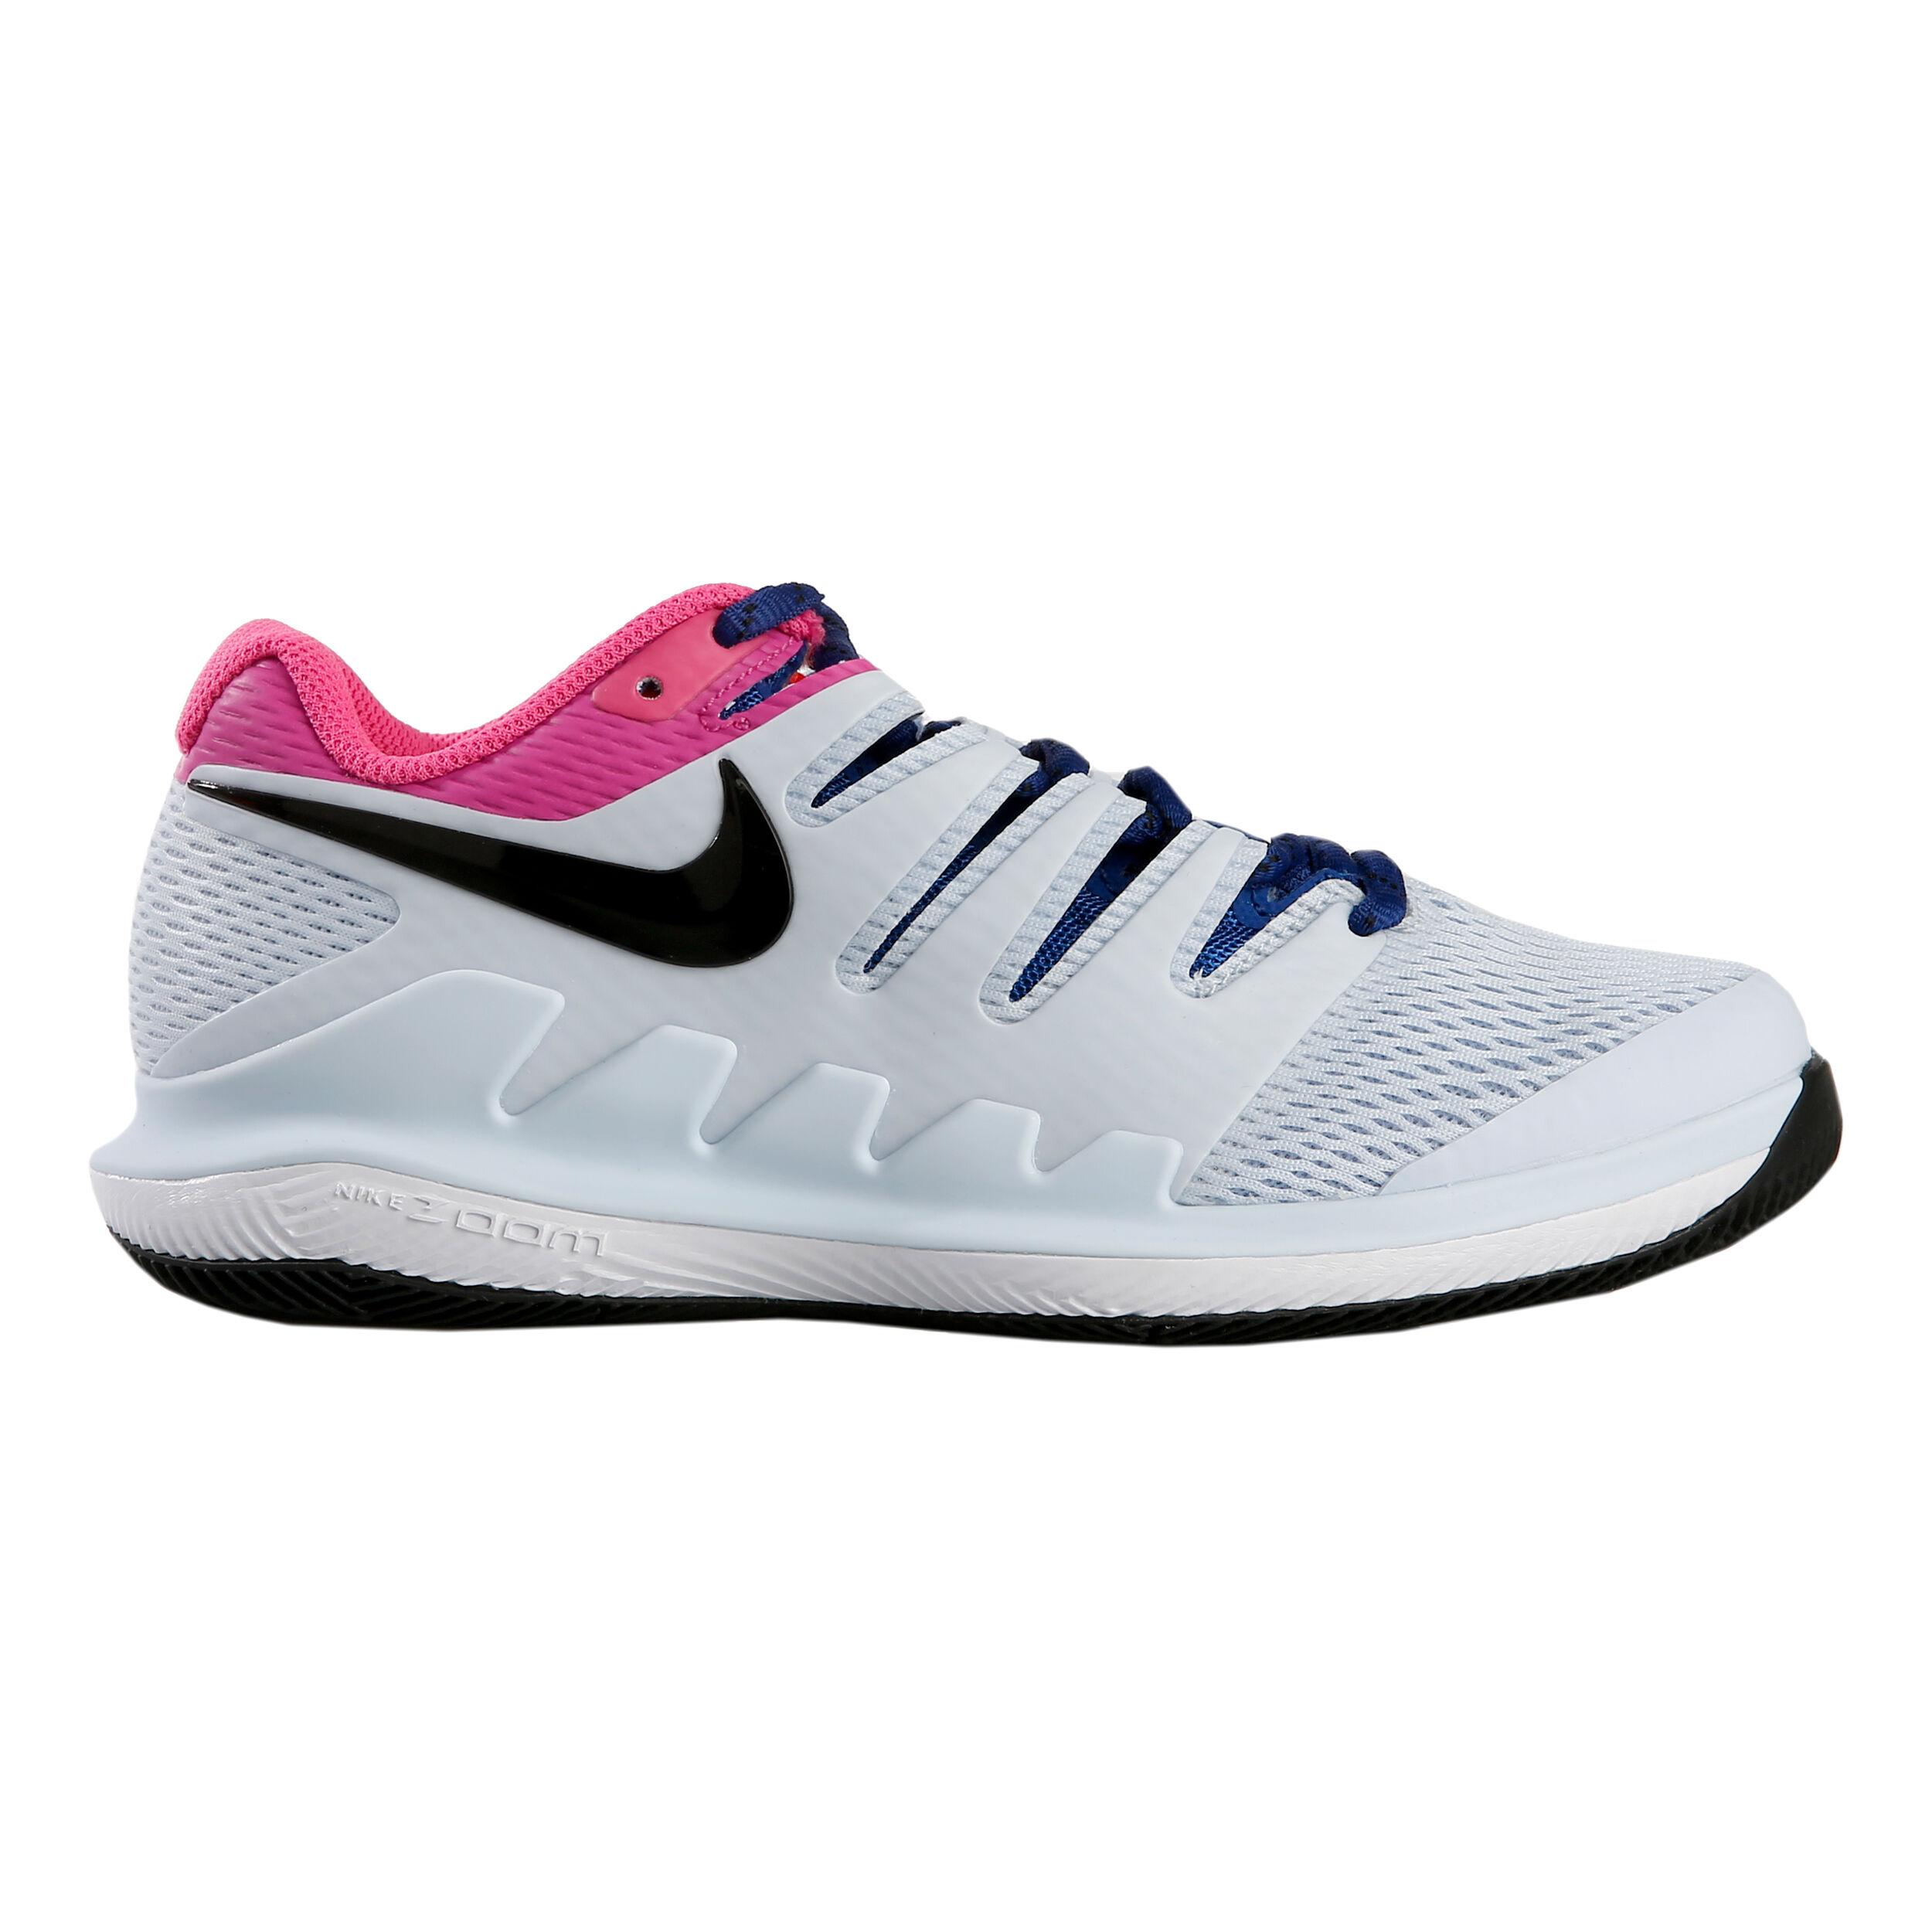 Nike Air Zoom Vapor X Chaussures Toutes Surfaces Enfants